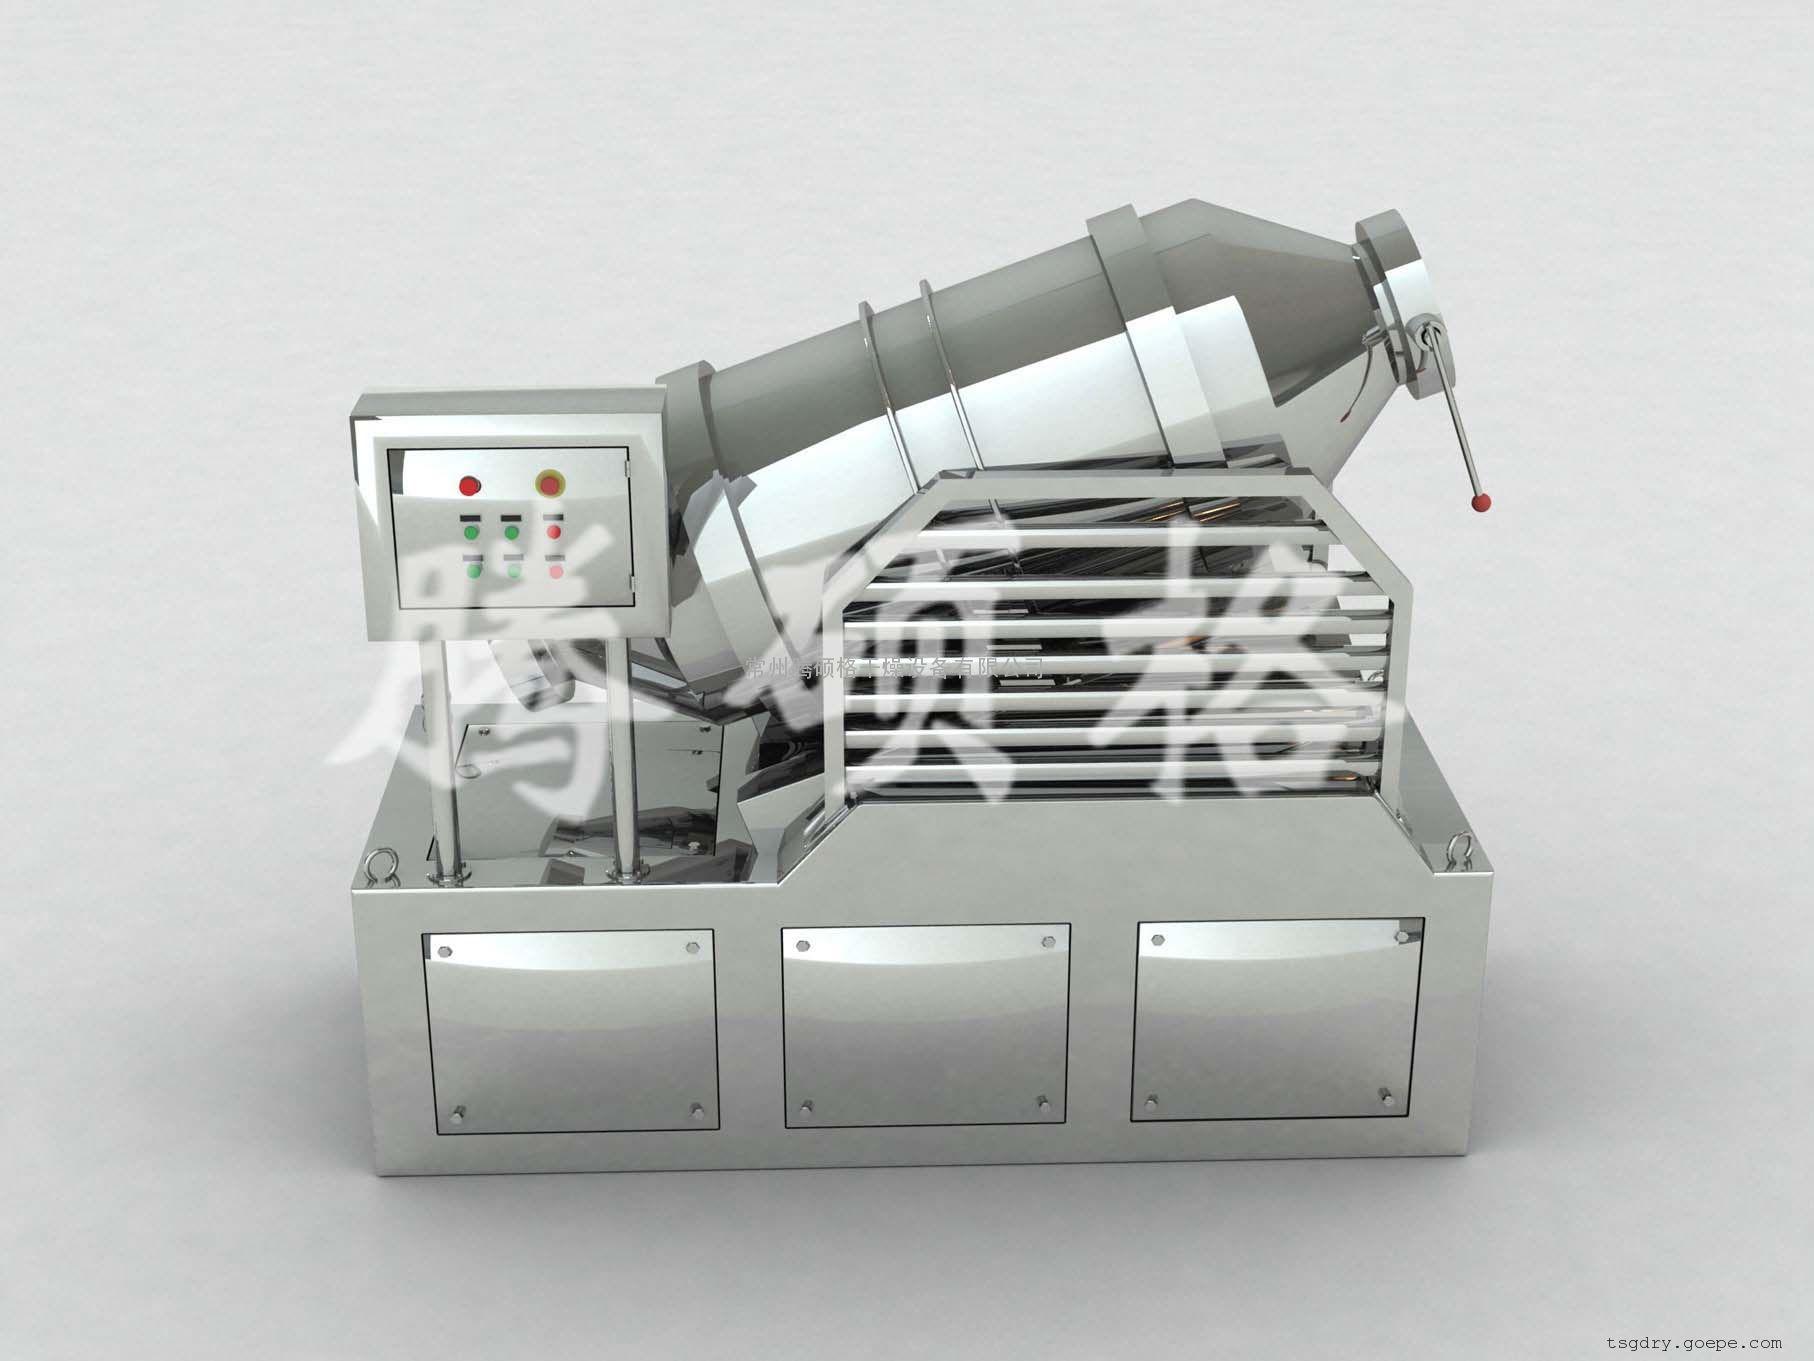 肥料混合机、常州腾硕格生产专用的二维运动混合设备